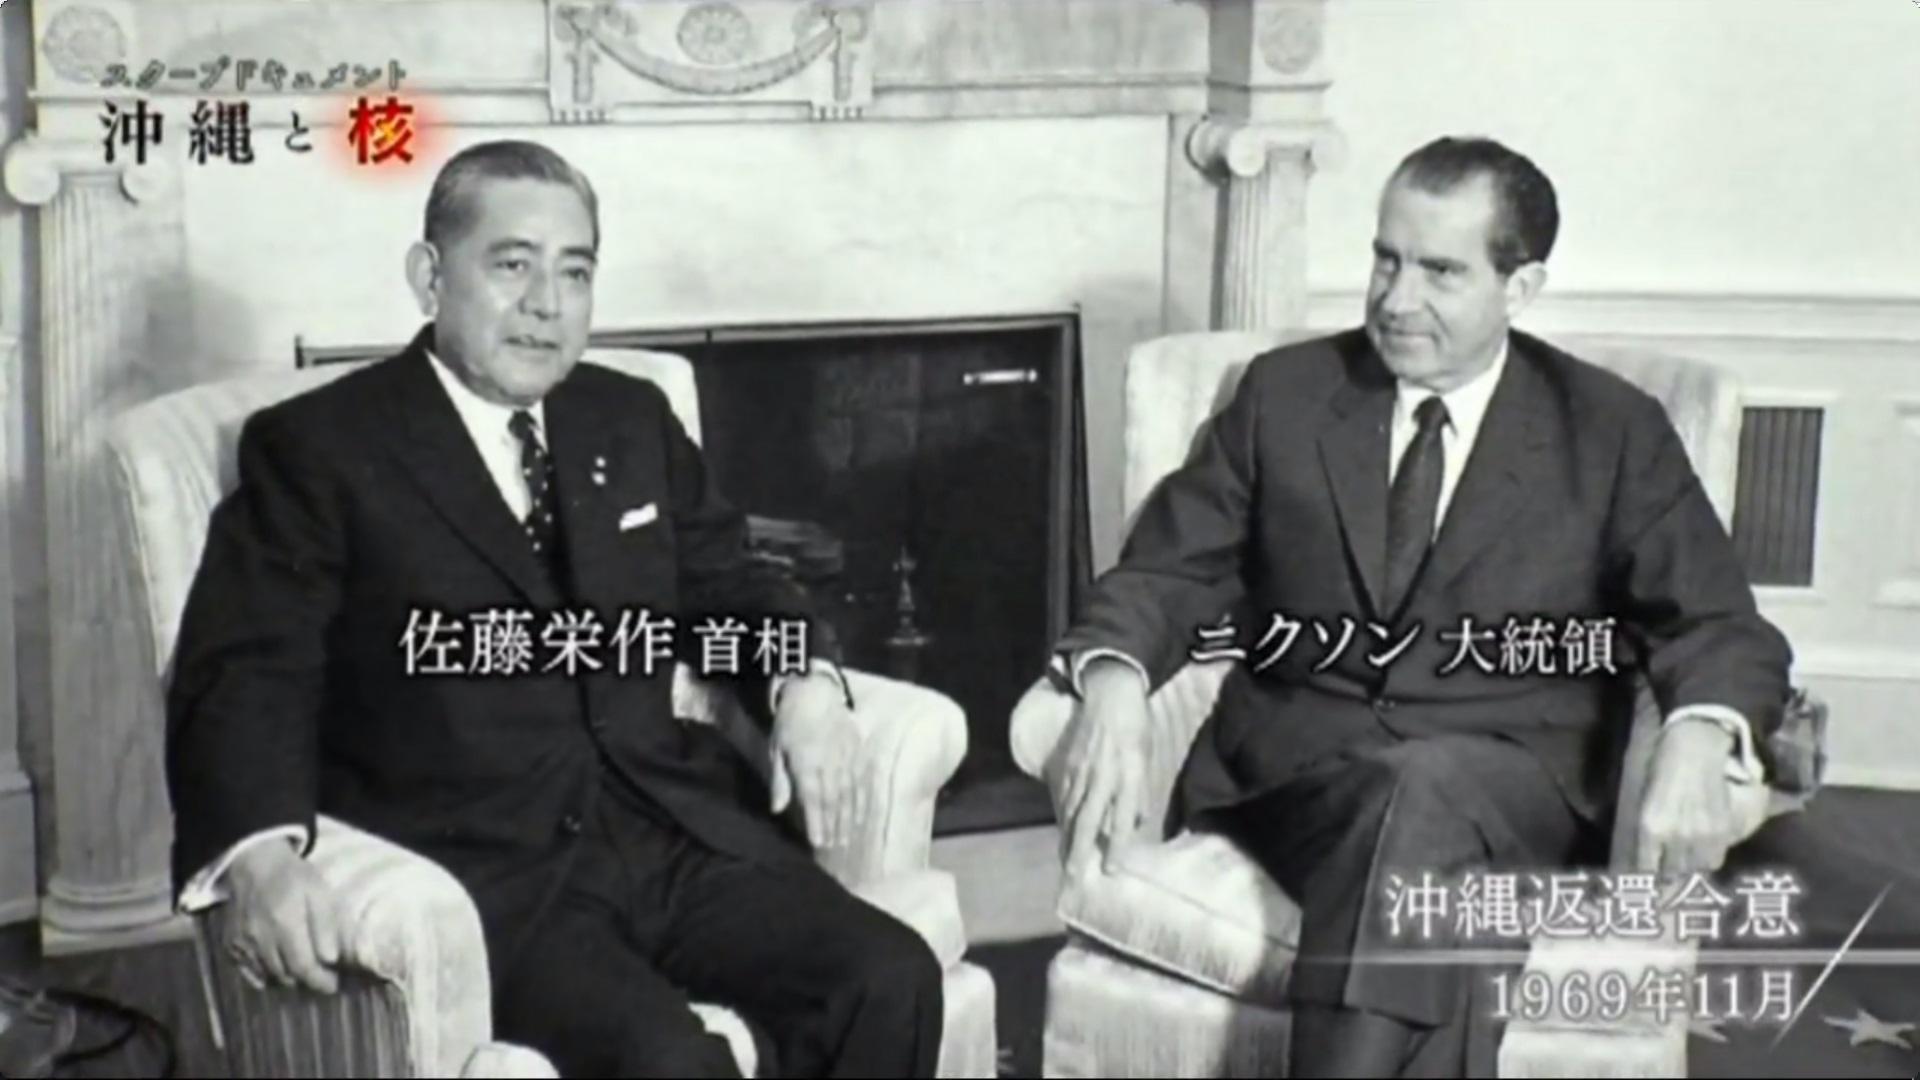 日本の佐藤栄作首相とアメリカのニクソン大統領と沖縄核密約